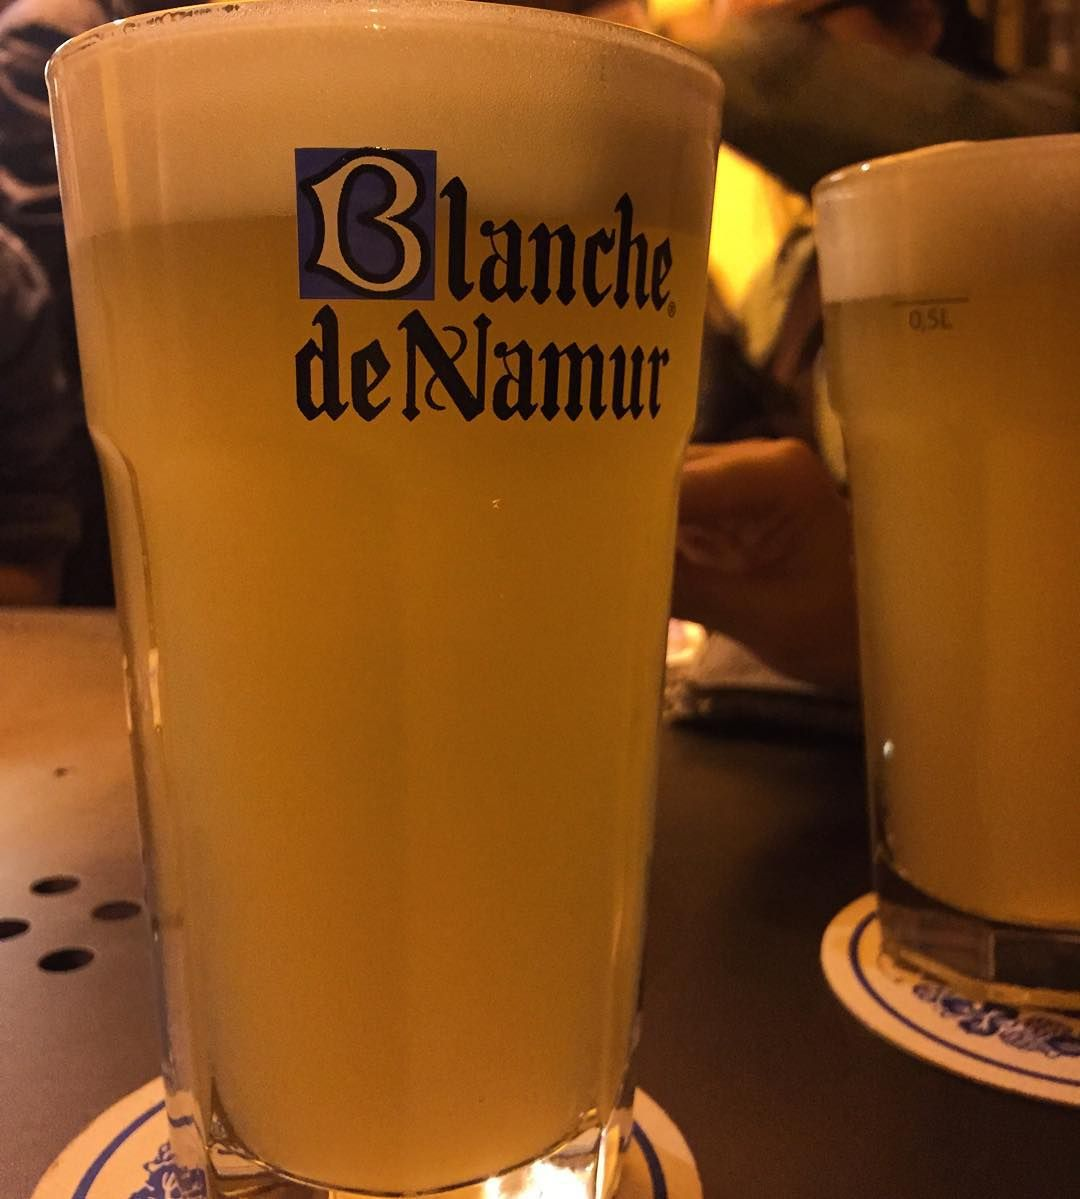 Biondona mia #beer #blanchedenamur #blanche #friends #bologna #saturday by lu1984